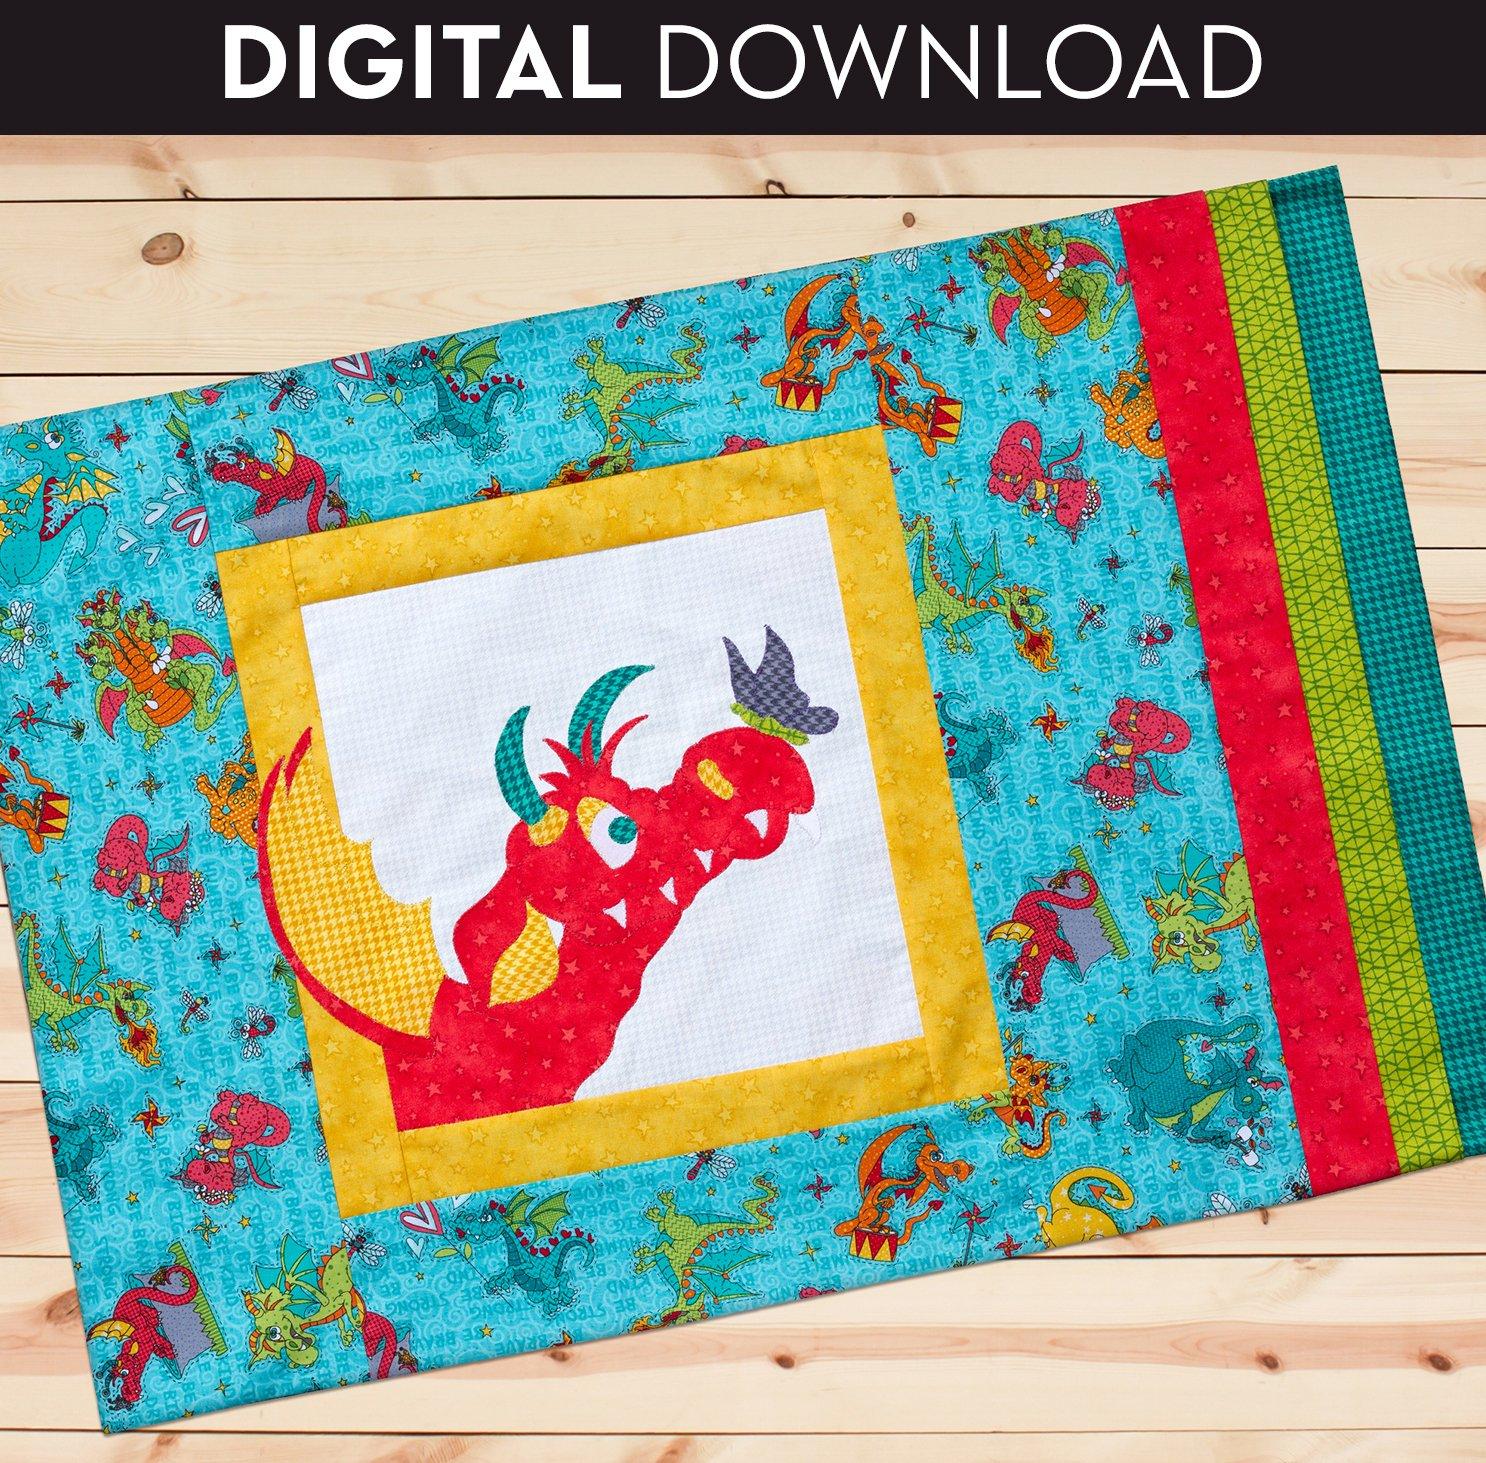 Large Applique Pillowcase - Download